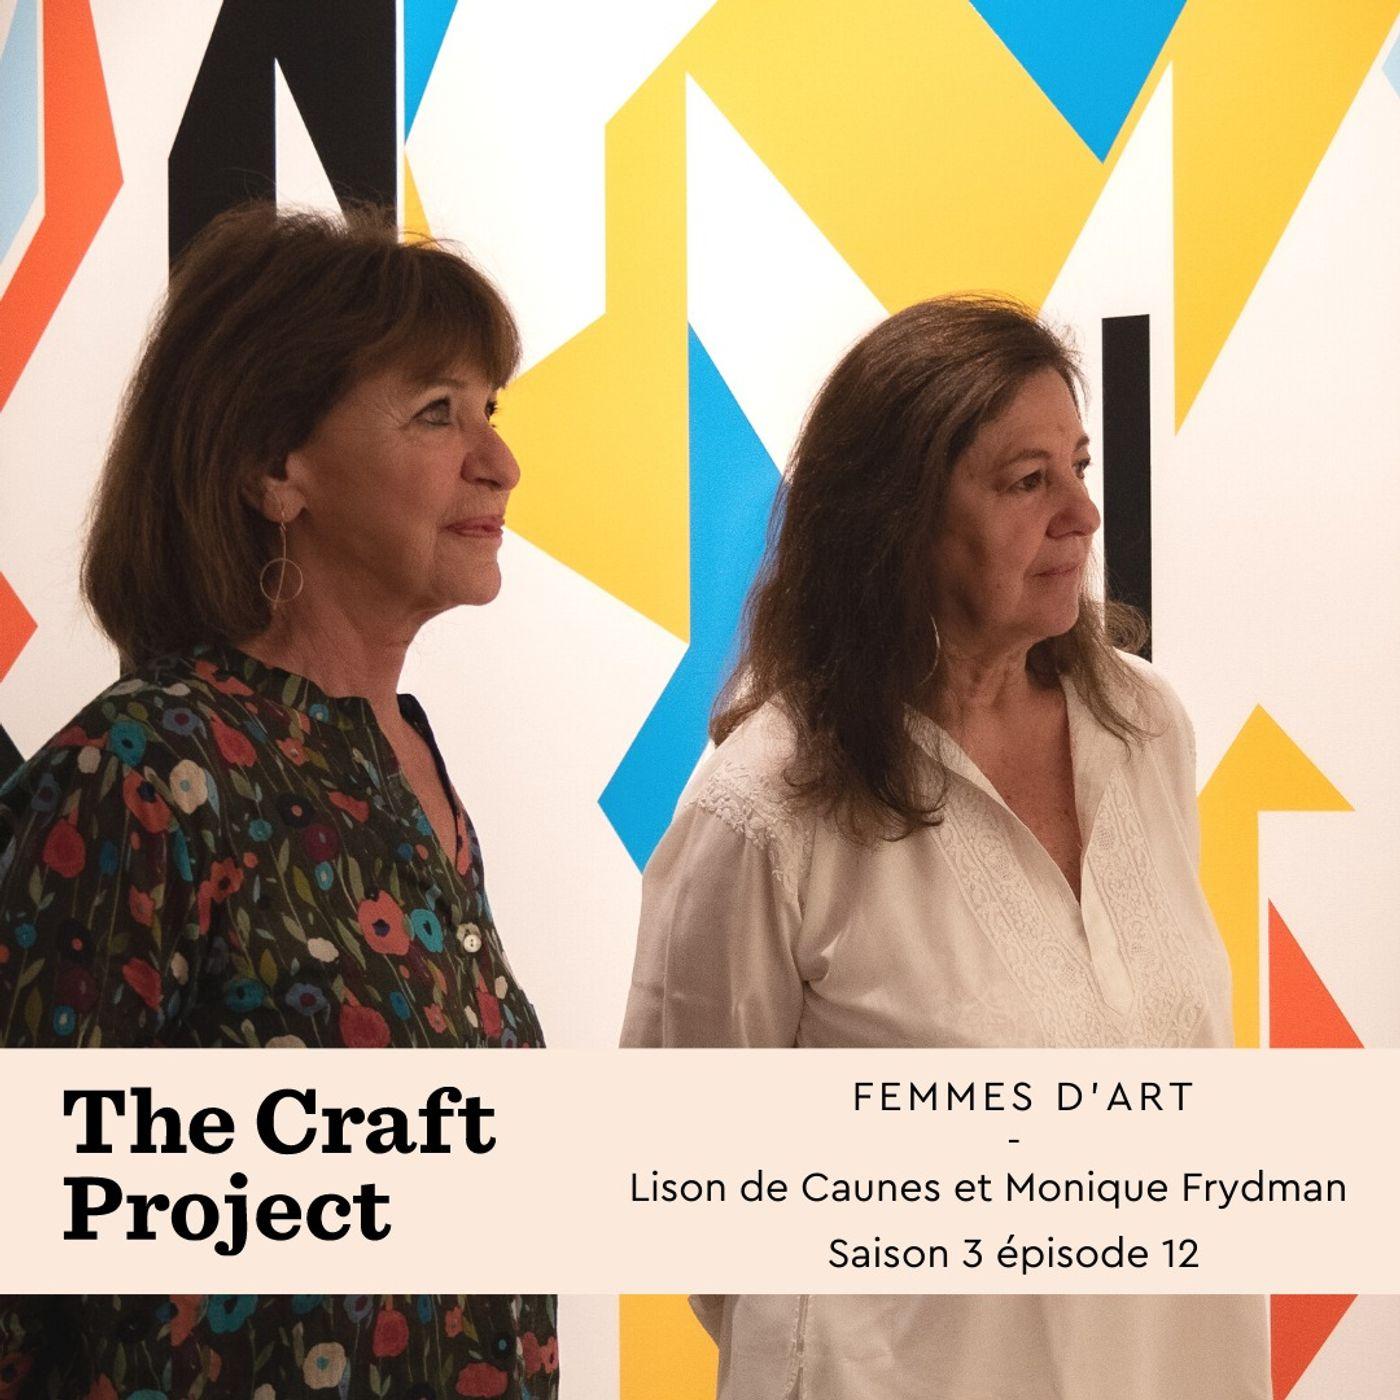 Femmes d'art, Lison de Caunes et Monique Frydman